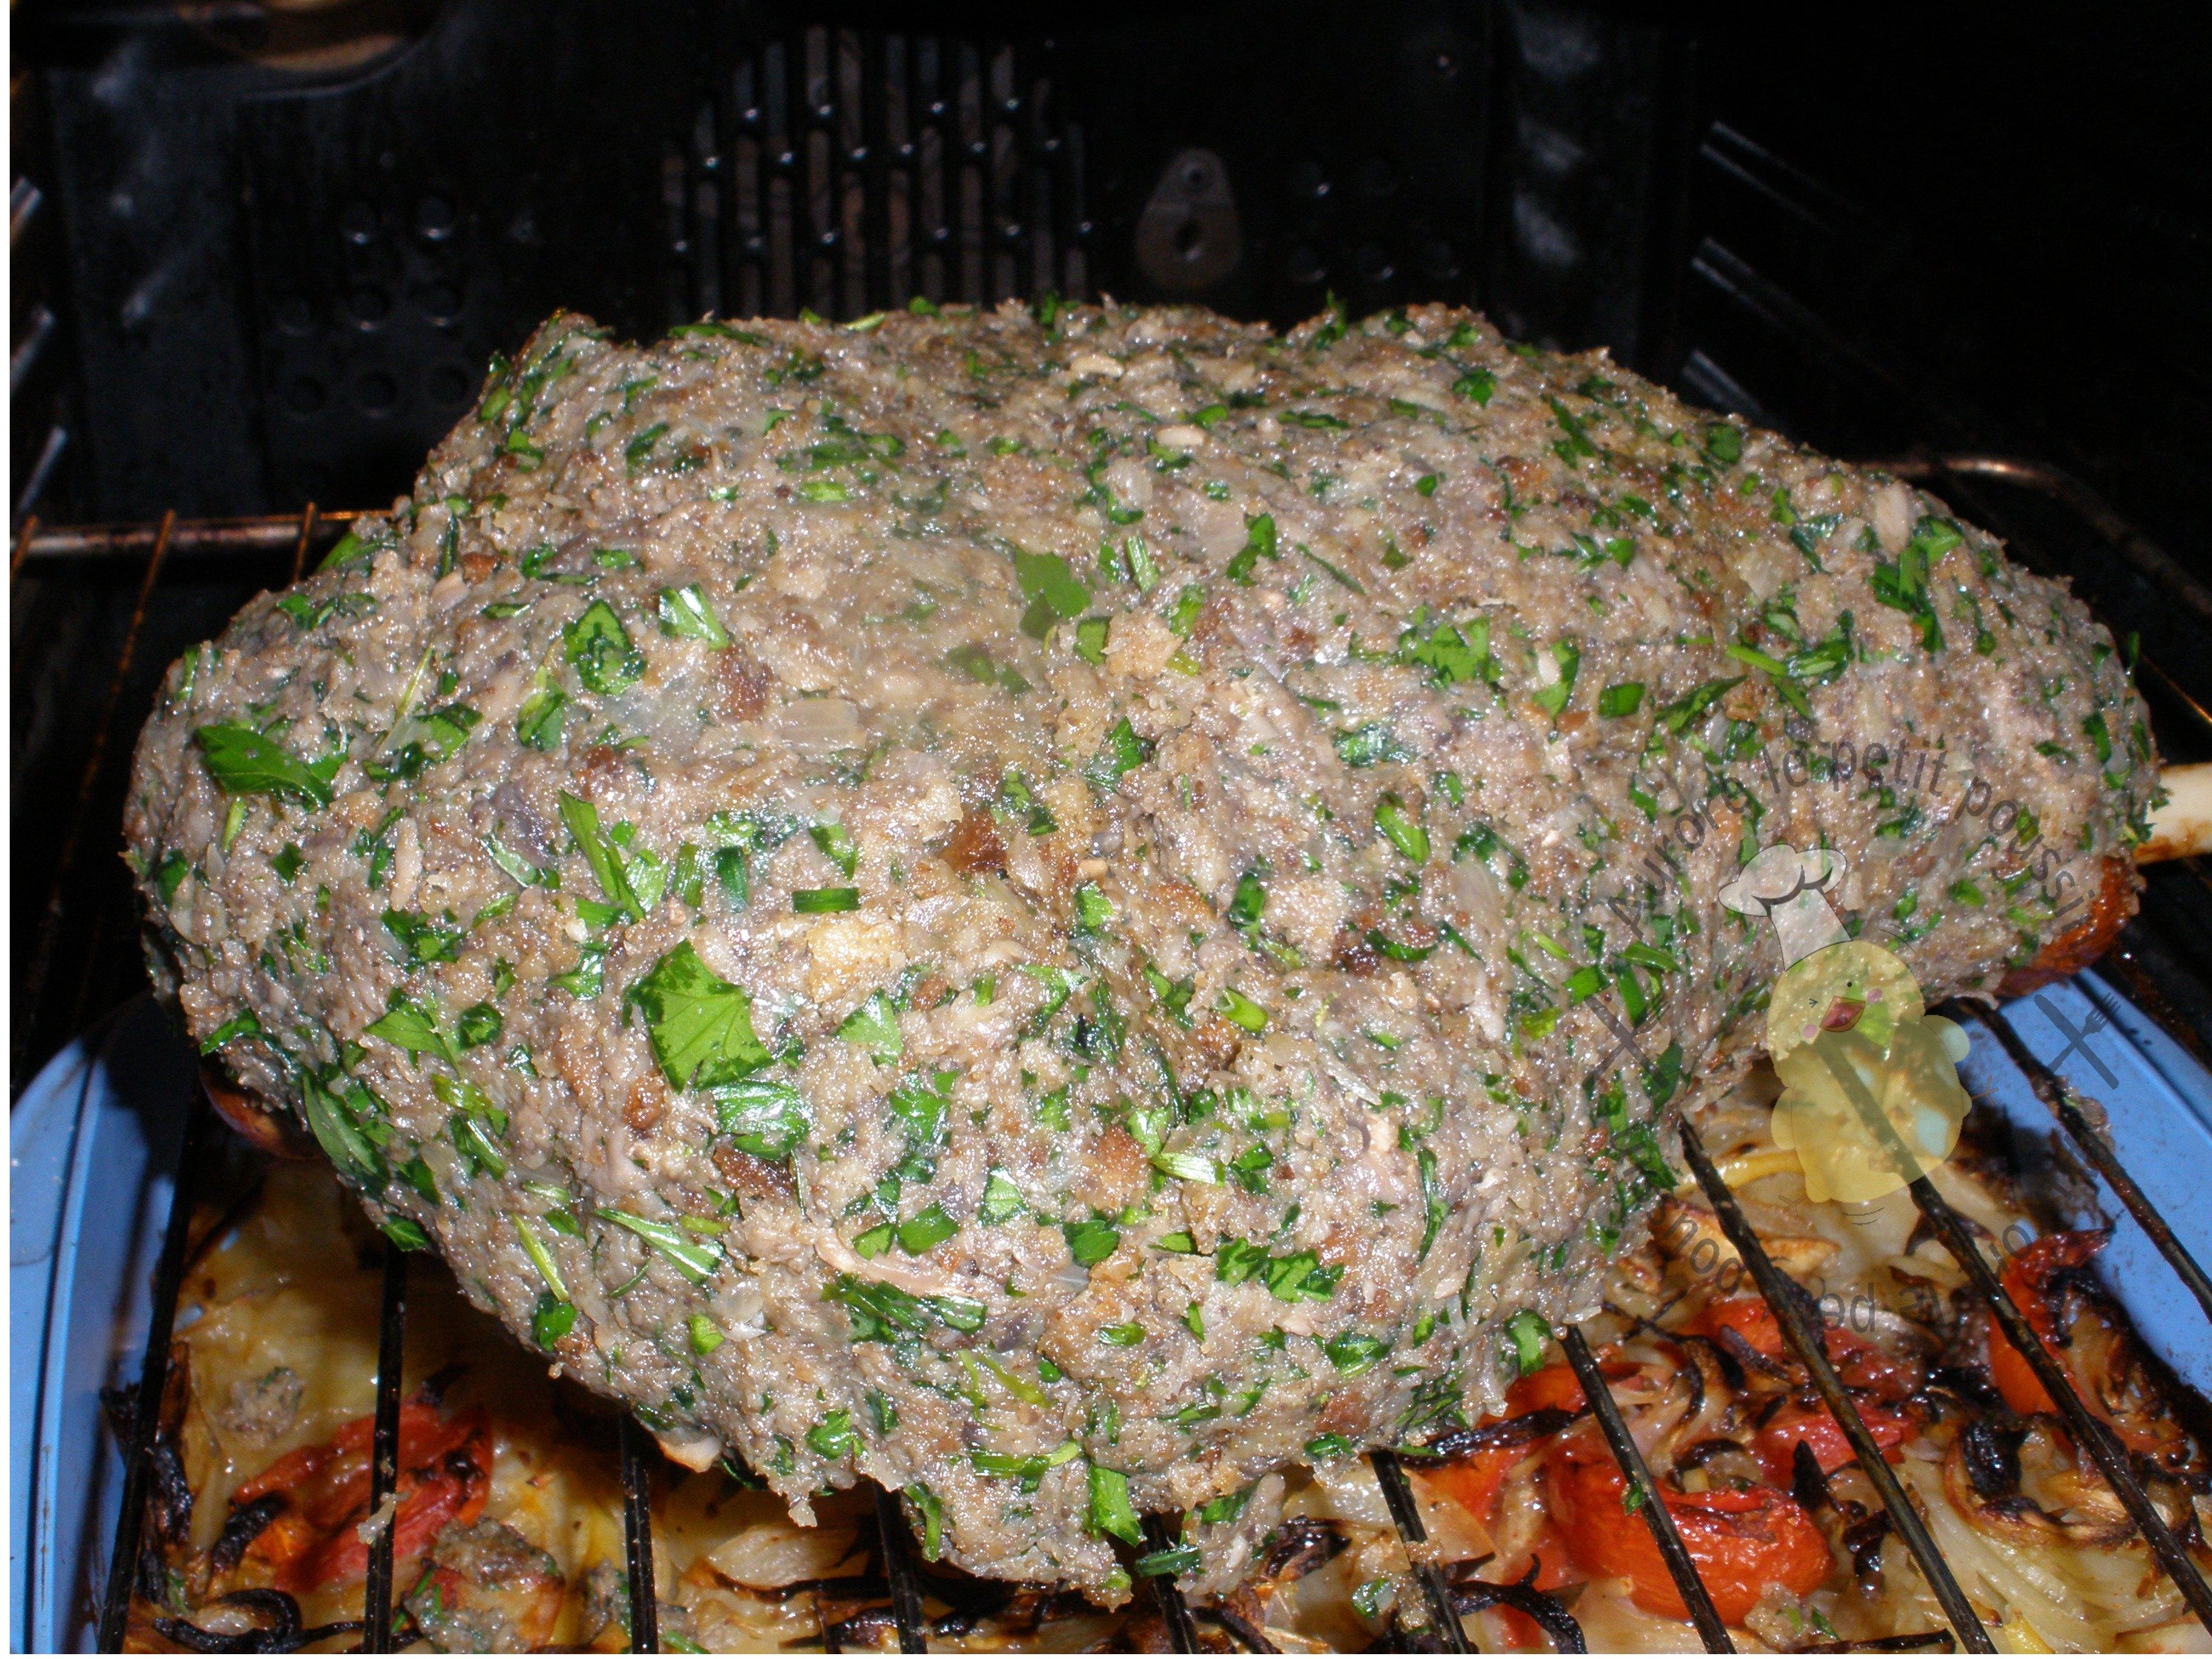 Gigot d 39 agneau en cro te d 39 herbes pour p ques recette de - Cuisiner les restes de gigot d agneau ...